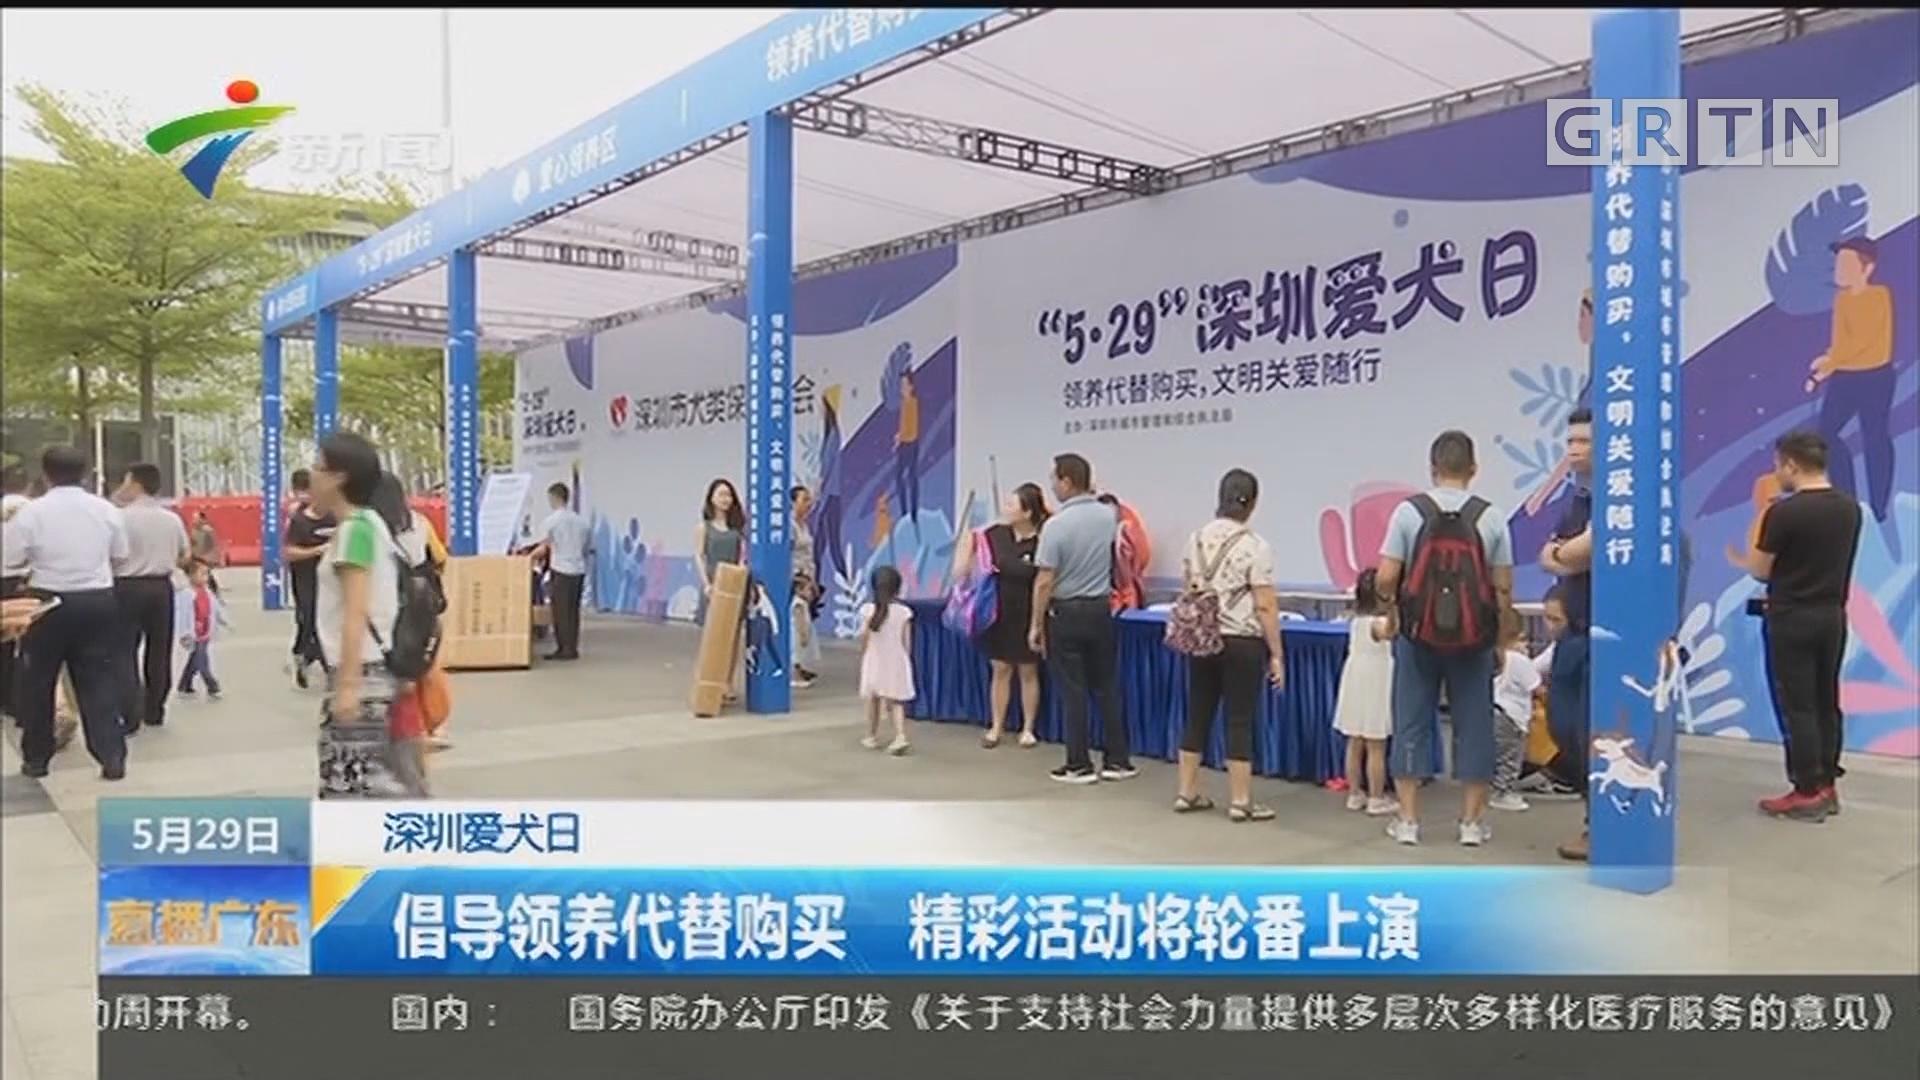 深圳爱犬日:倡导领养代替购买 精彩活动将轮番上演